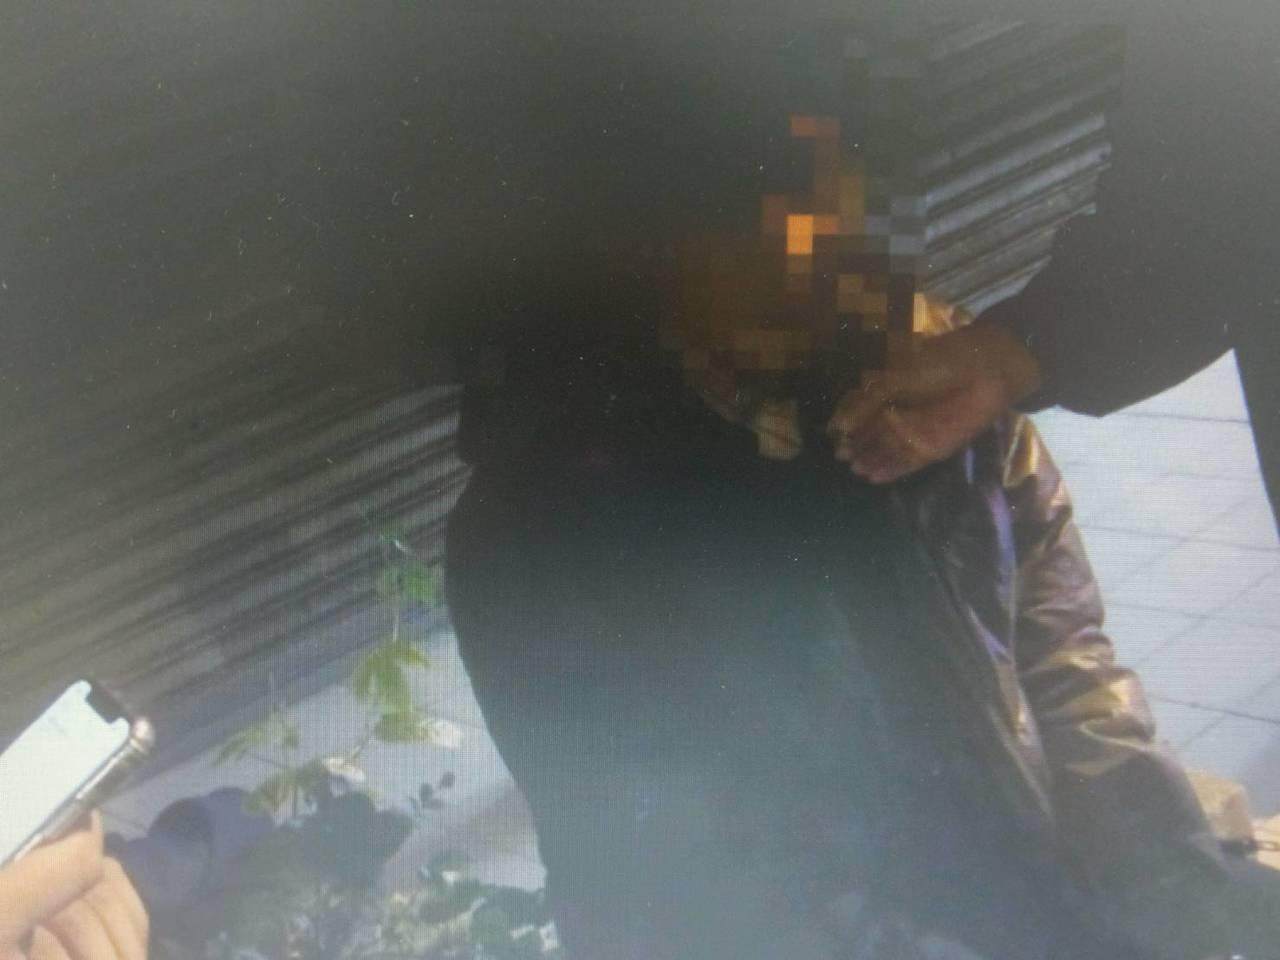 張姓嫌犯的項鍊是手銬鑰匙,警方發現後趕緊拆下。記者廖炳棋/翻攝